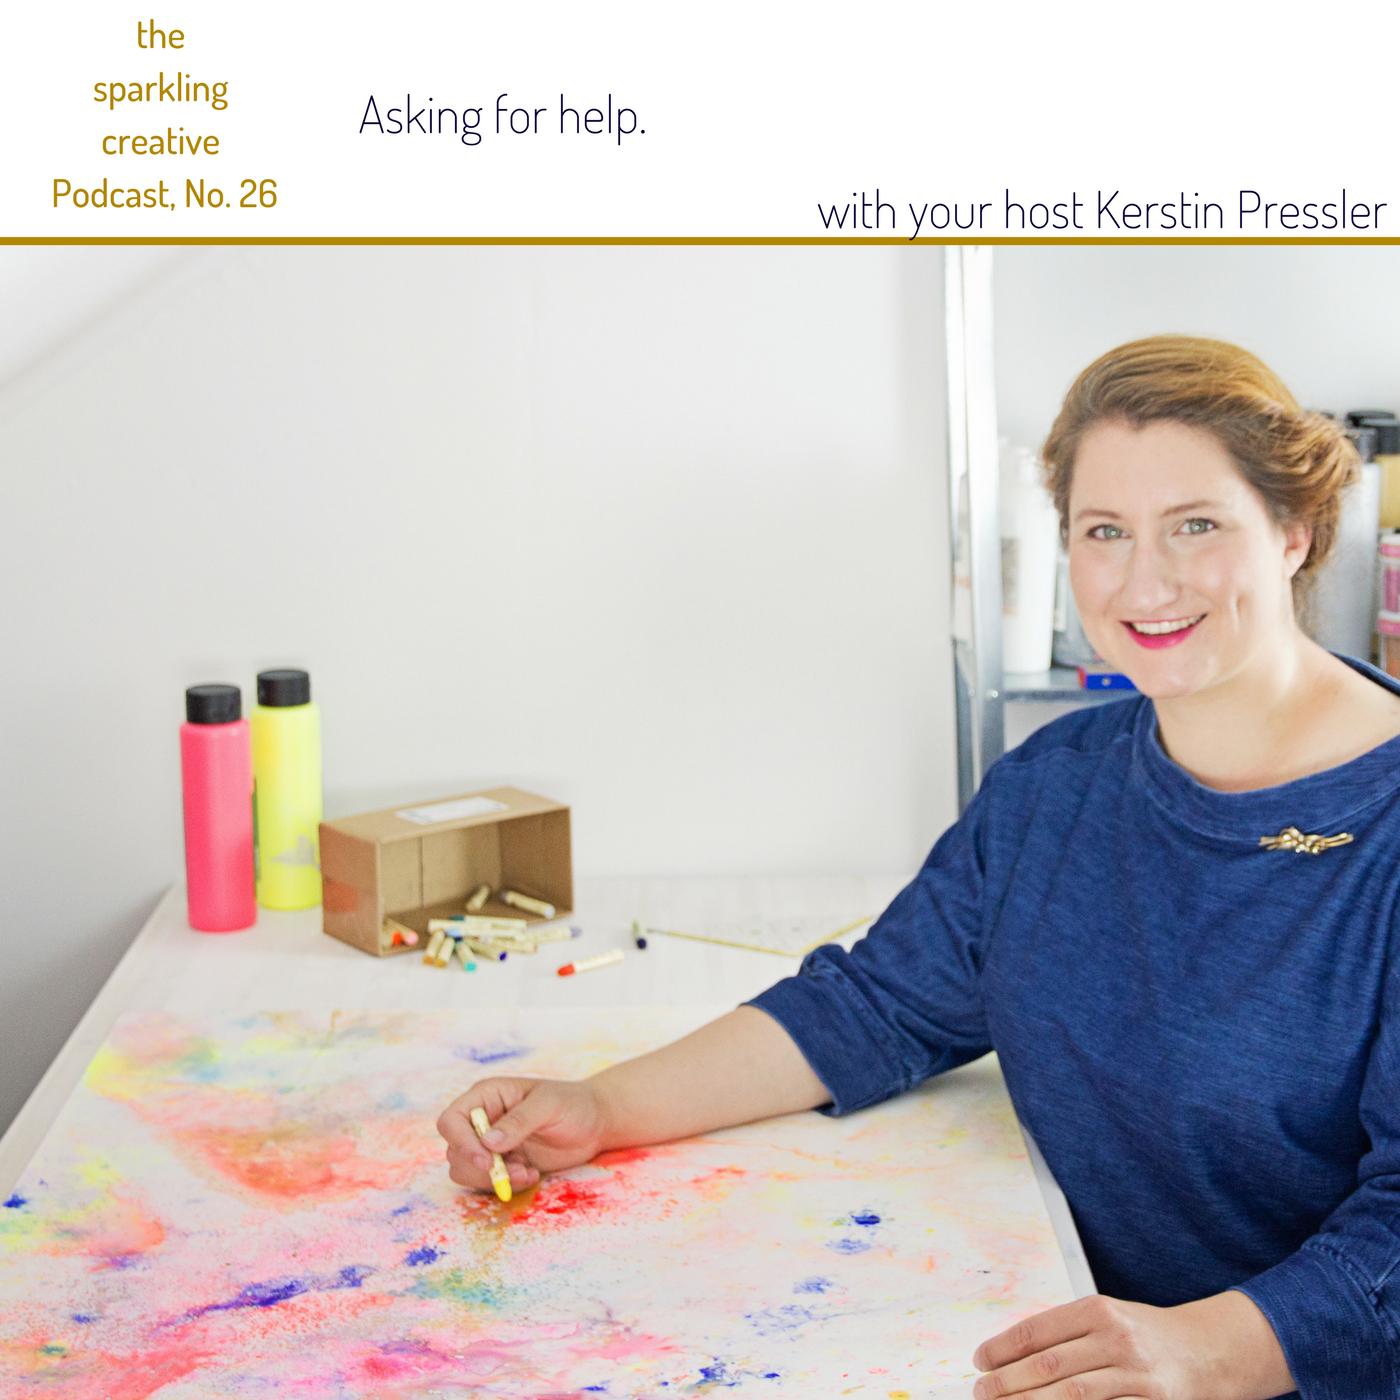 The sparkling creative Podcast, Epsidoe 26, asking for help, Kerstin Pressler, www.kerstinpressler.com/blog-2/episode26